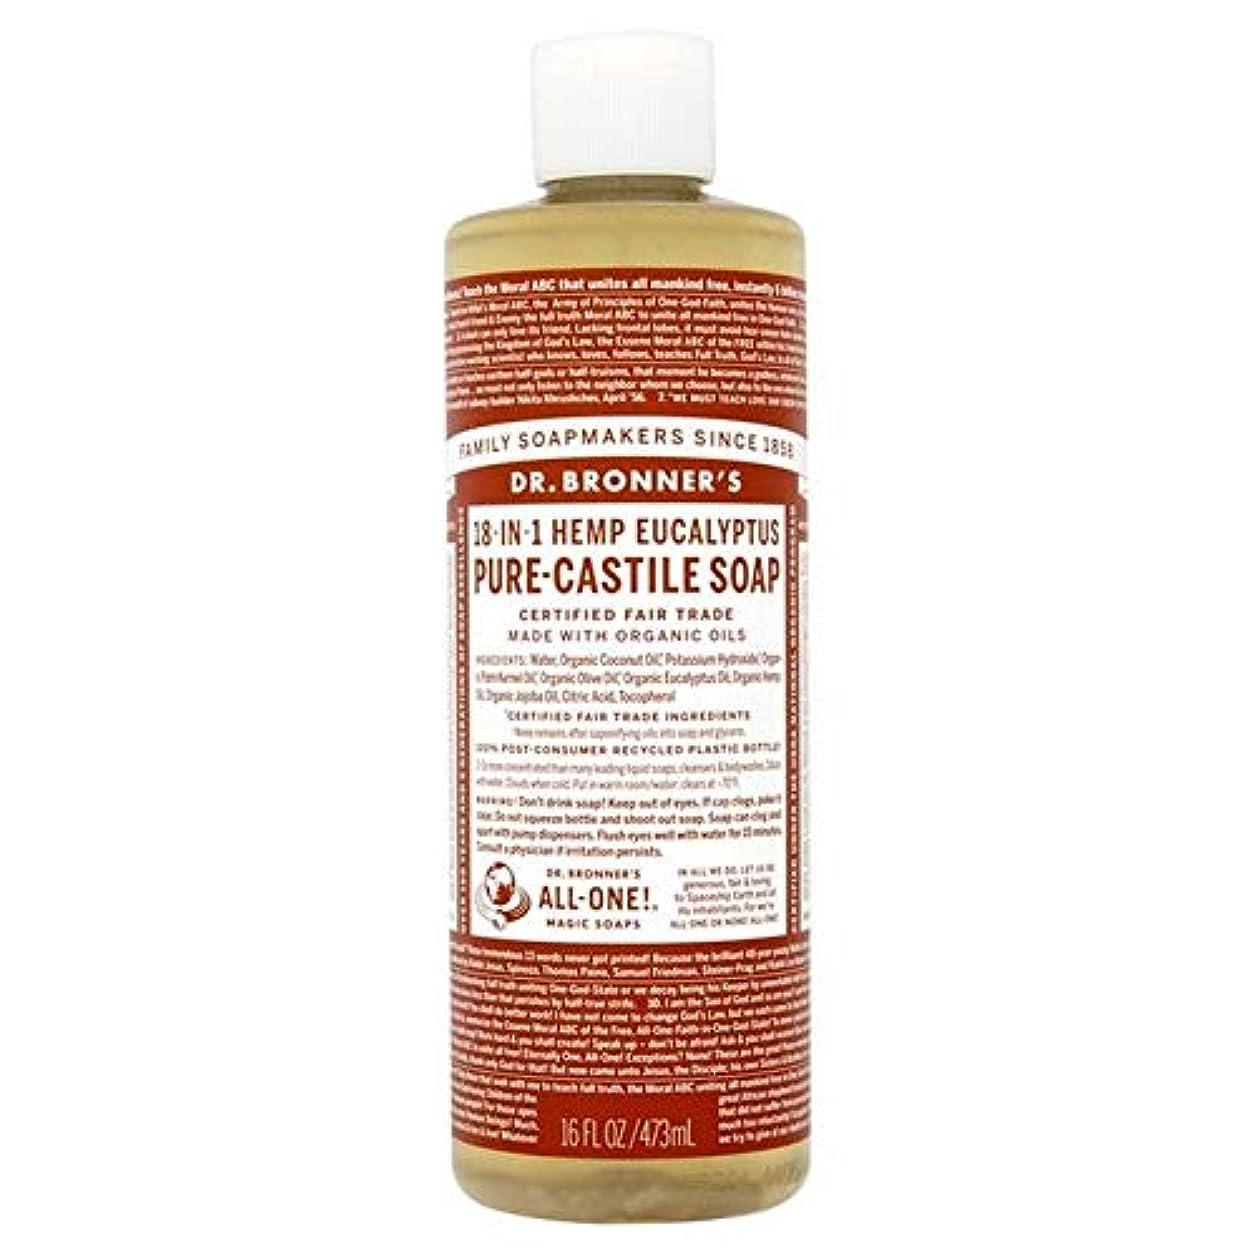 乳白憲法診療所[Dr Bronner] Dr。ブロナーズ有機ユーカリの純粋な-カスティーリャ液体石鹸473ミリリットル - Dr. Bronner's Organic Eucalyptus Pure-Castille Liquid Soap...